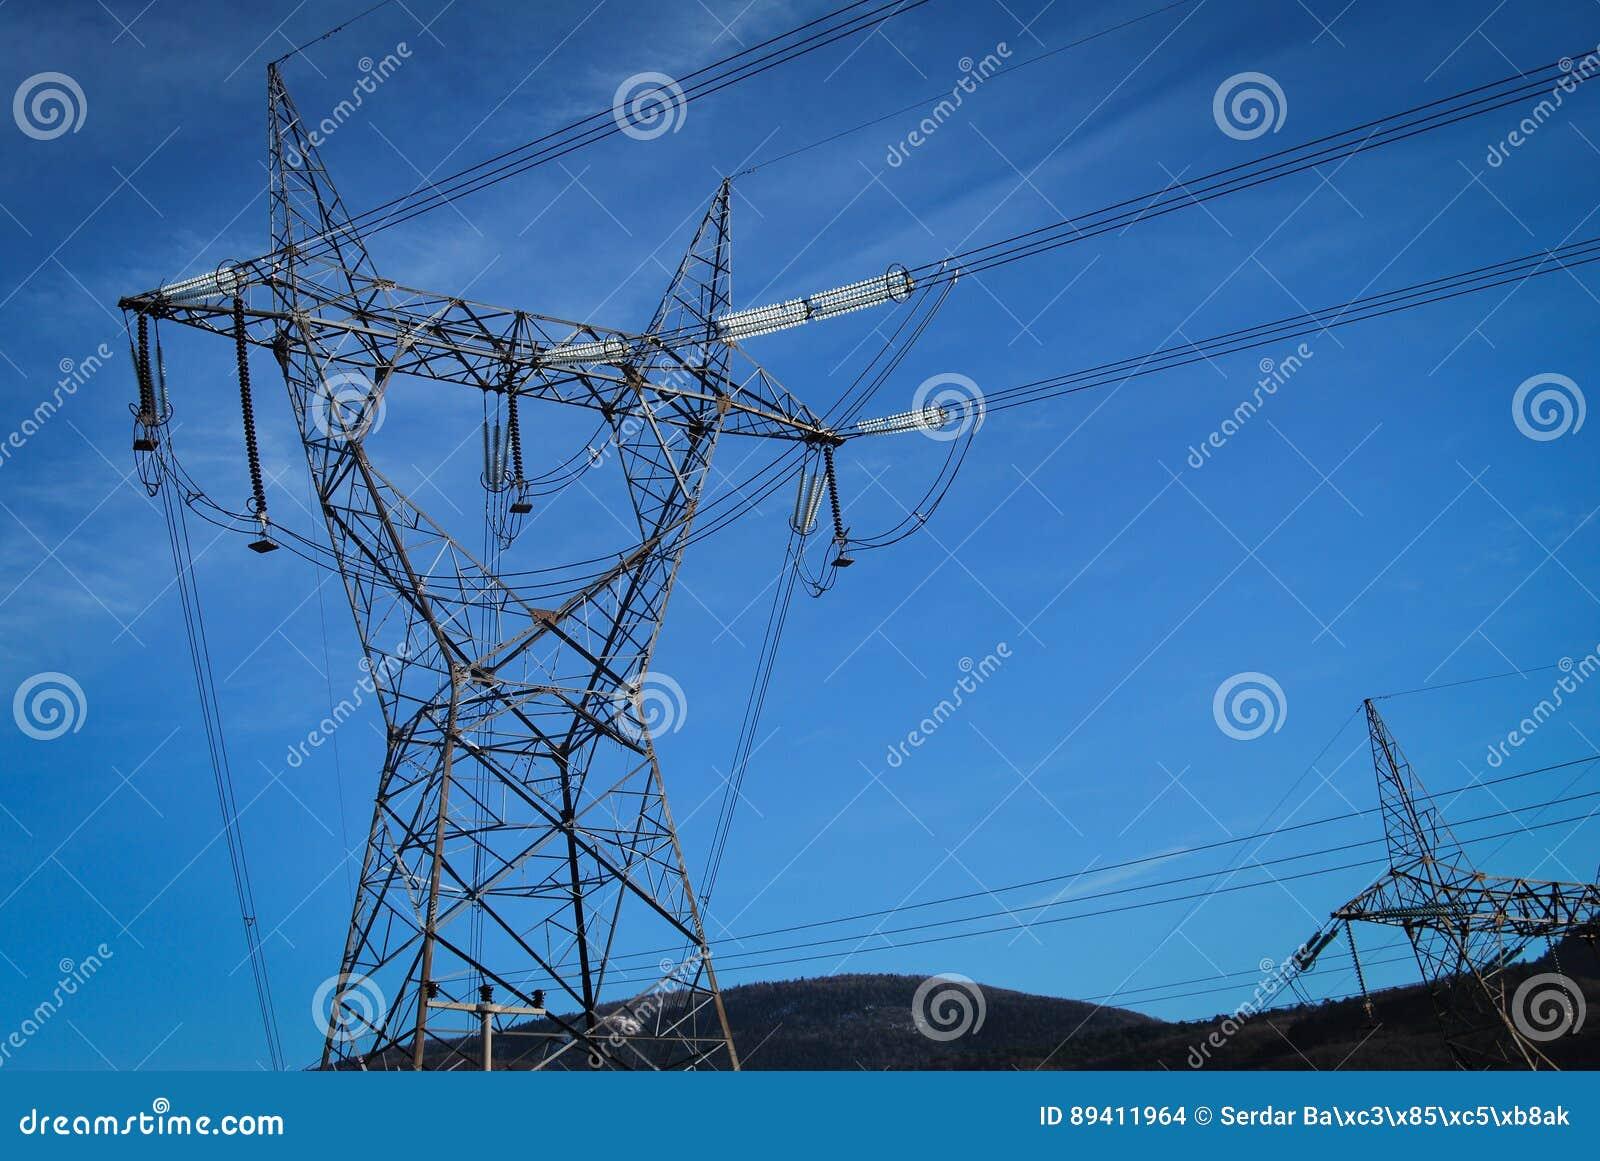 Coluna elétrica de alta tensão